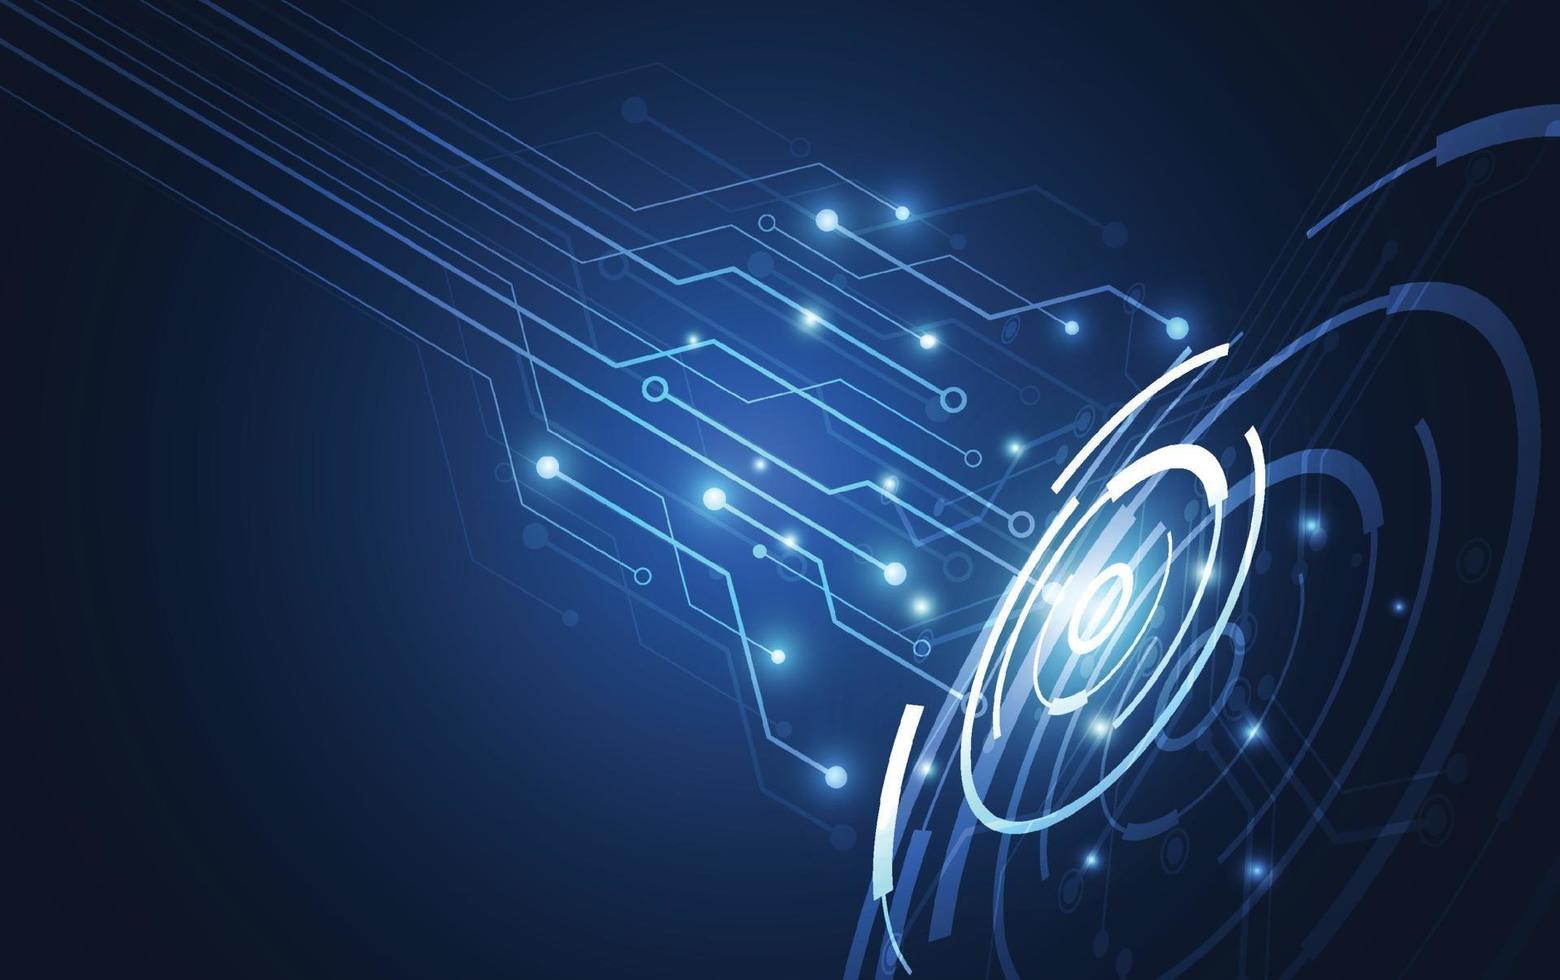 abstrakt teknik innovation kommunikation koncept digital blå design bakgrund. vektor illustration